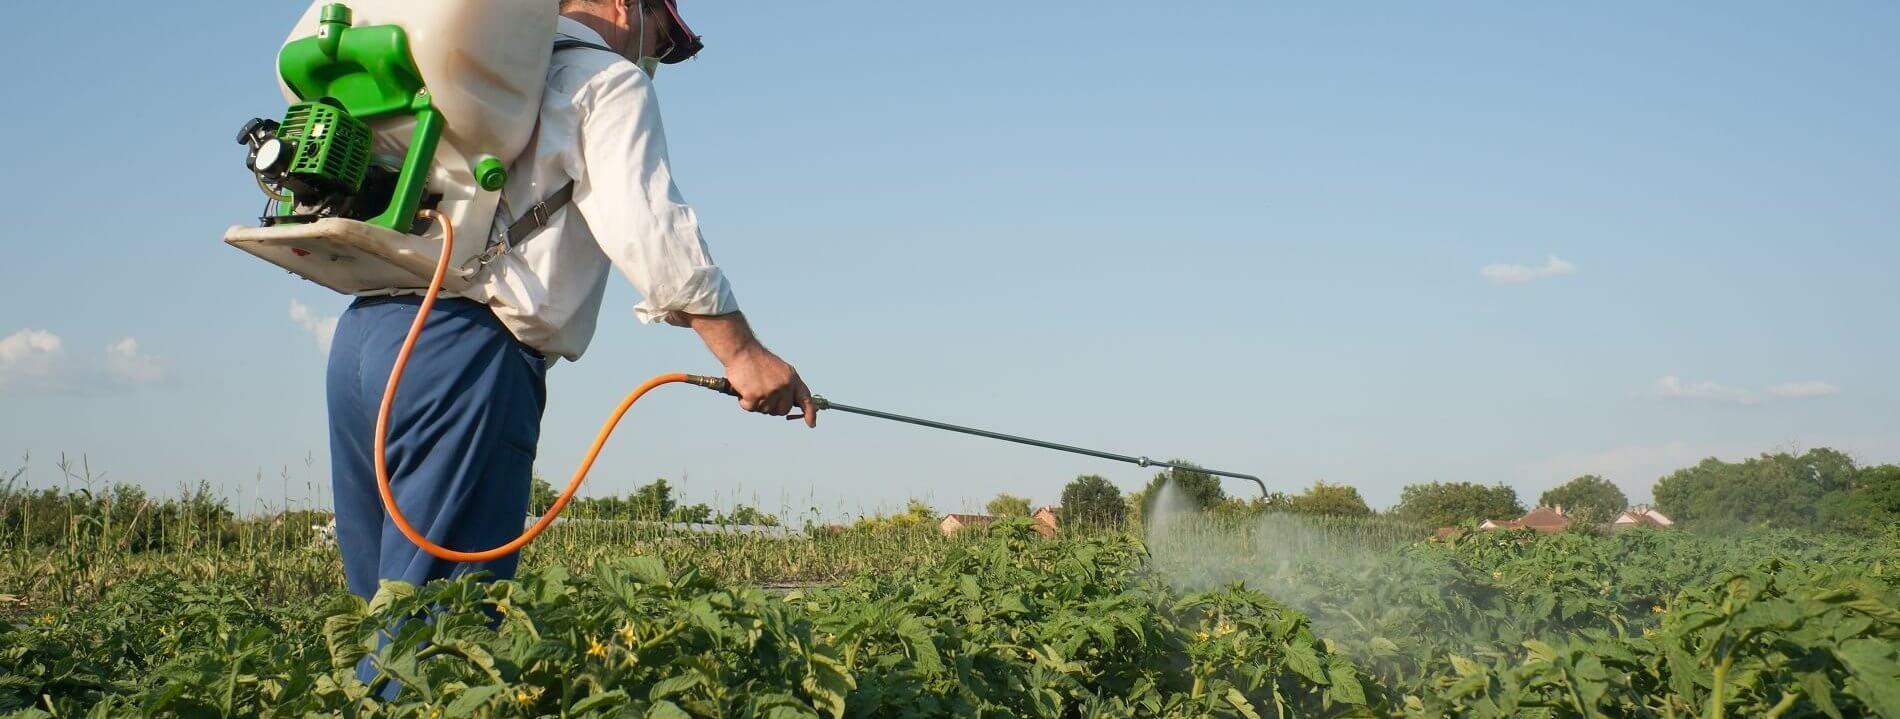 Precios de los insumos agrícolas incrementarían los costos un 40%